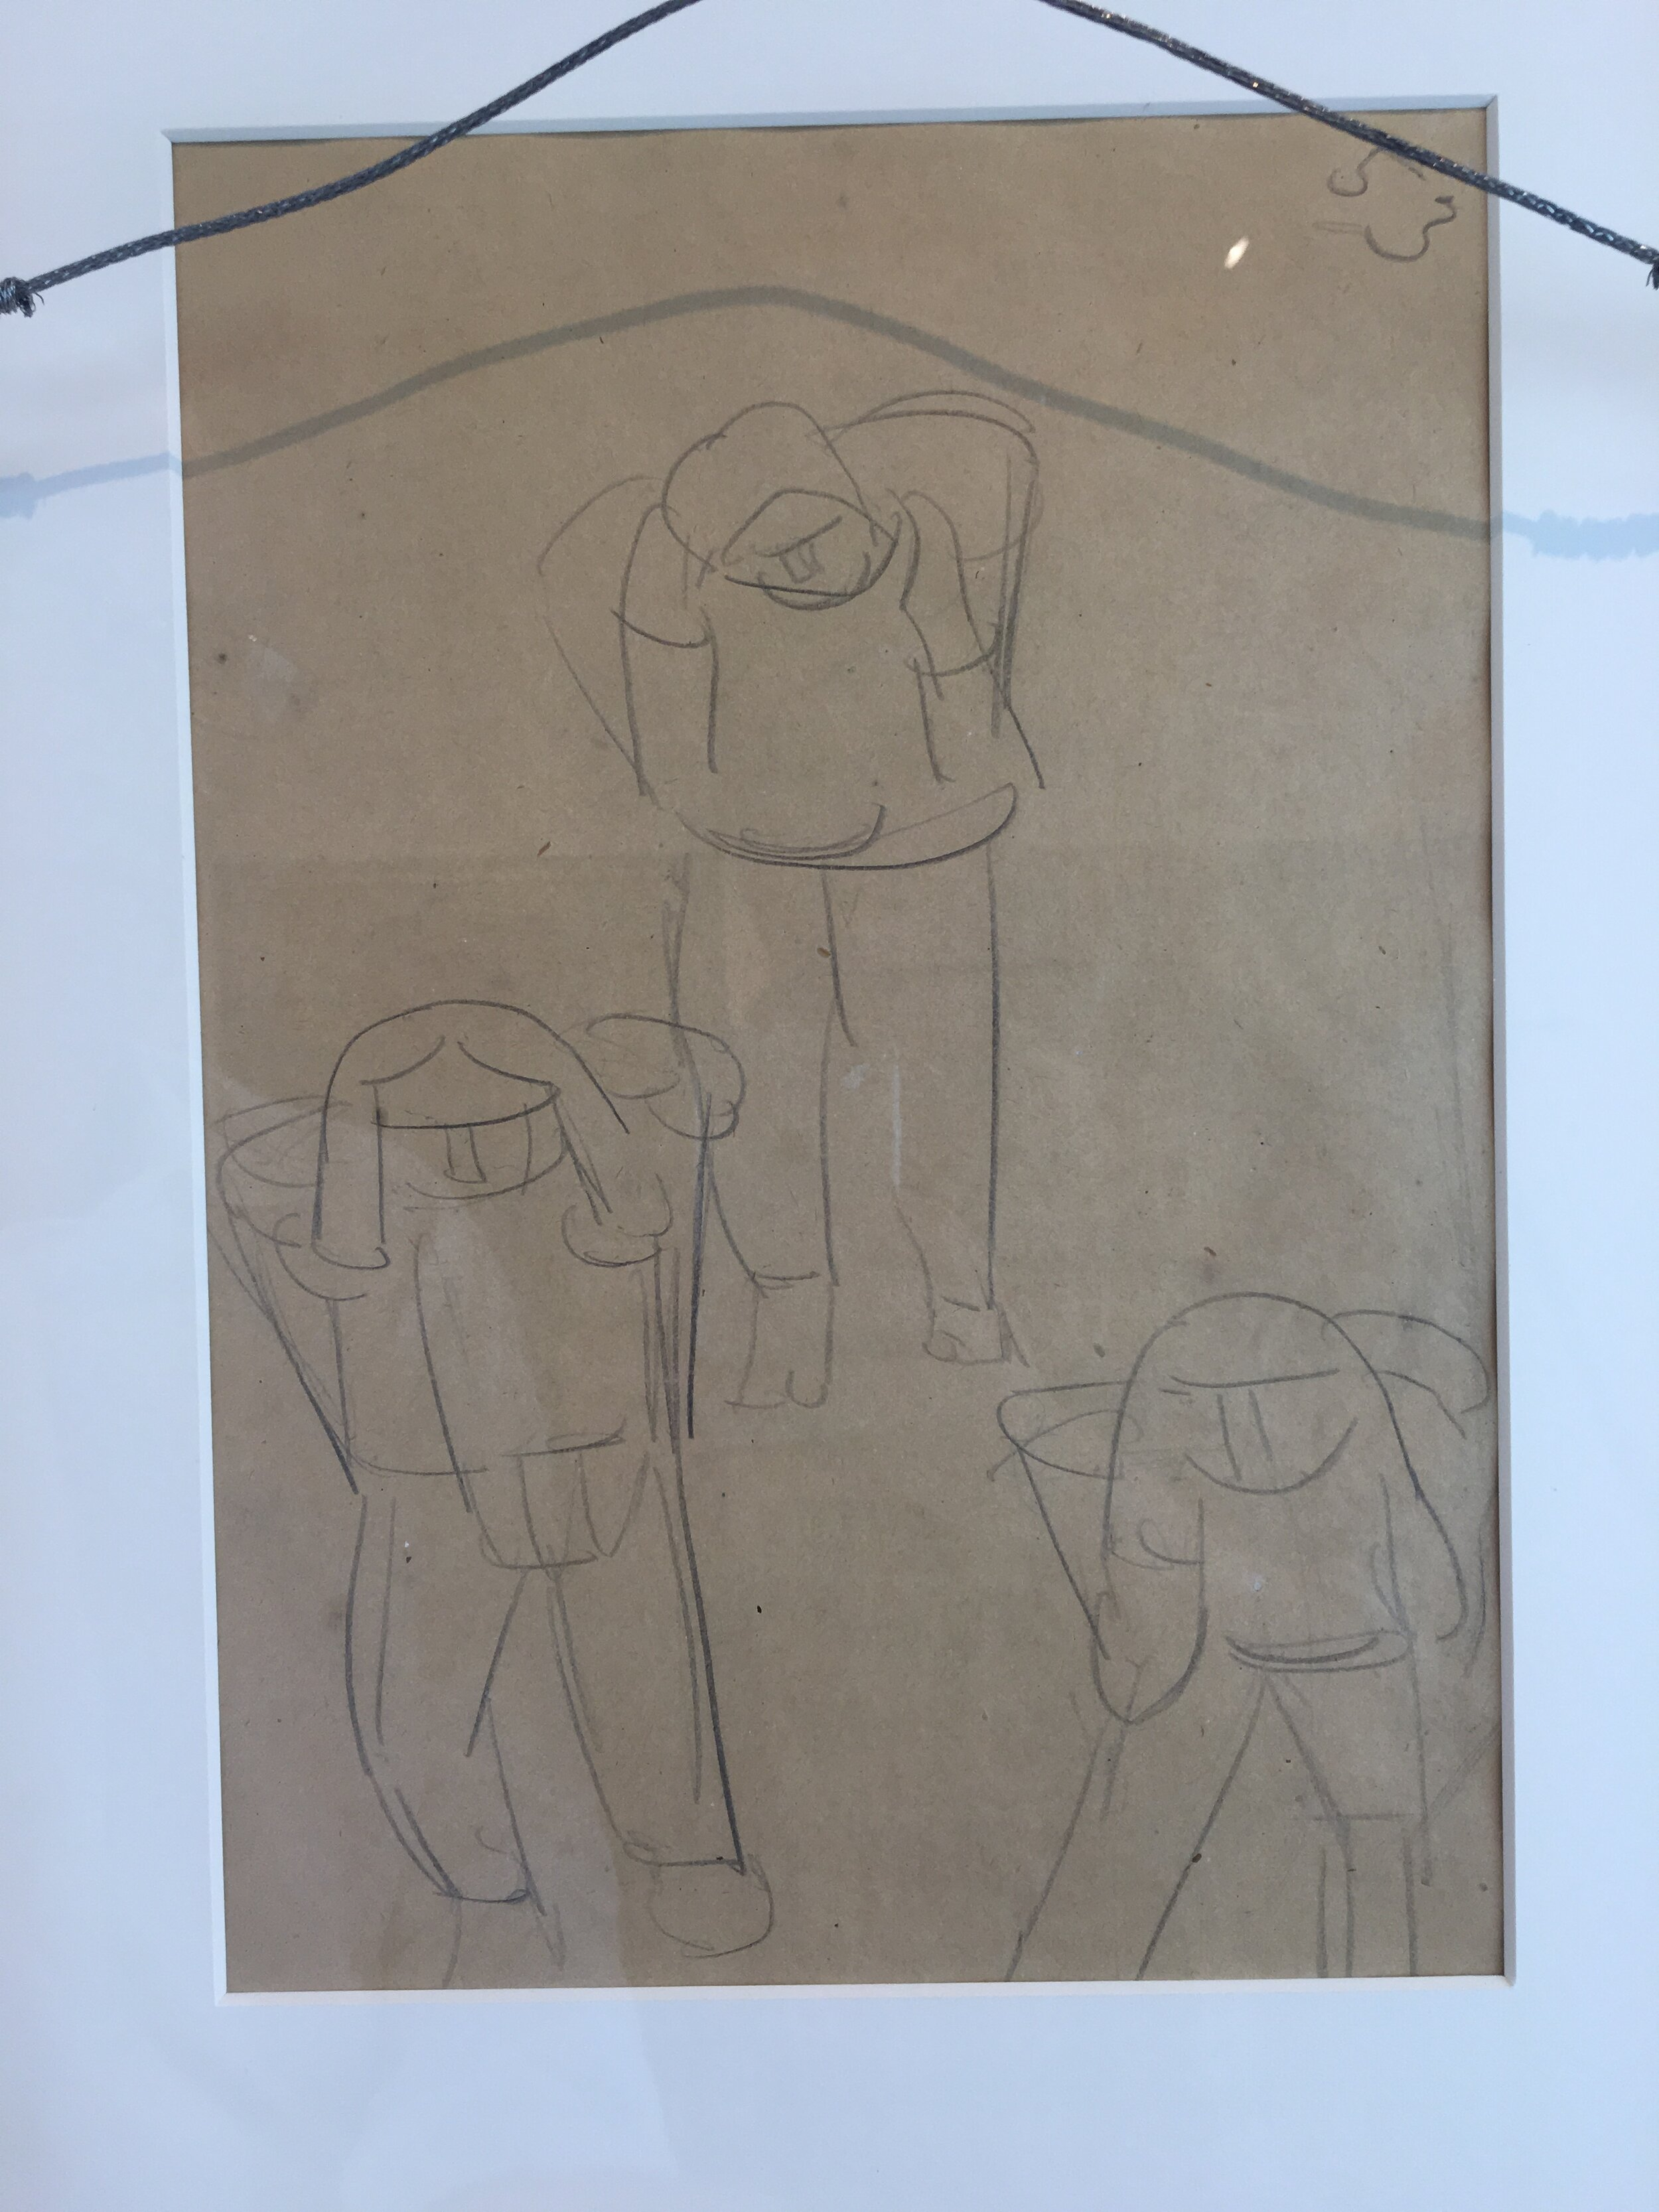 Rufino Tamayo drawing - Magave Pickers